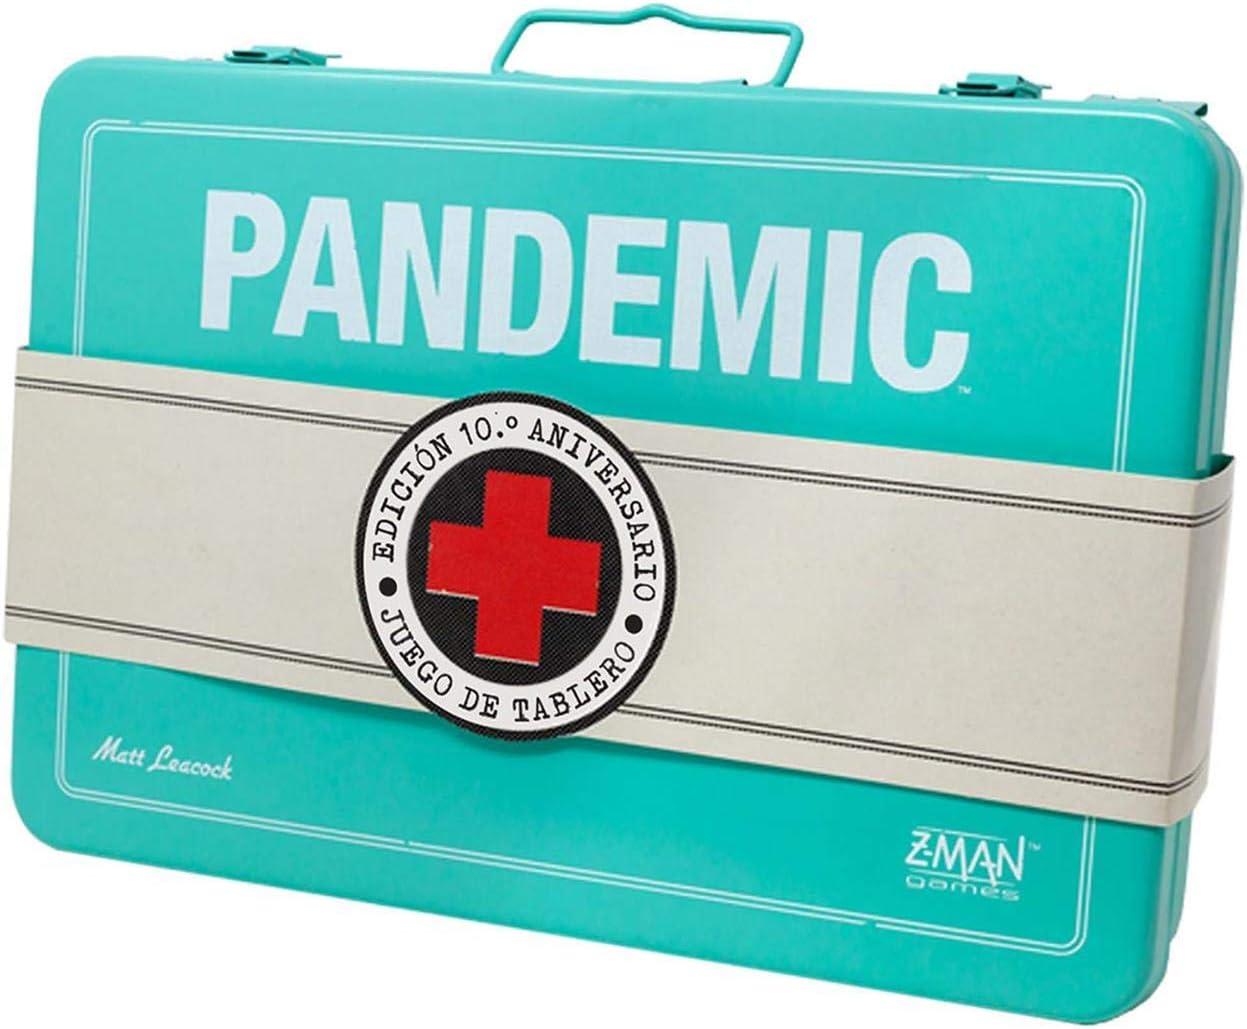 Z-man Games España - Juego Pandemic (10º Aniversario) Azul: Amazon.es: Juguetes y juegos